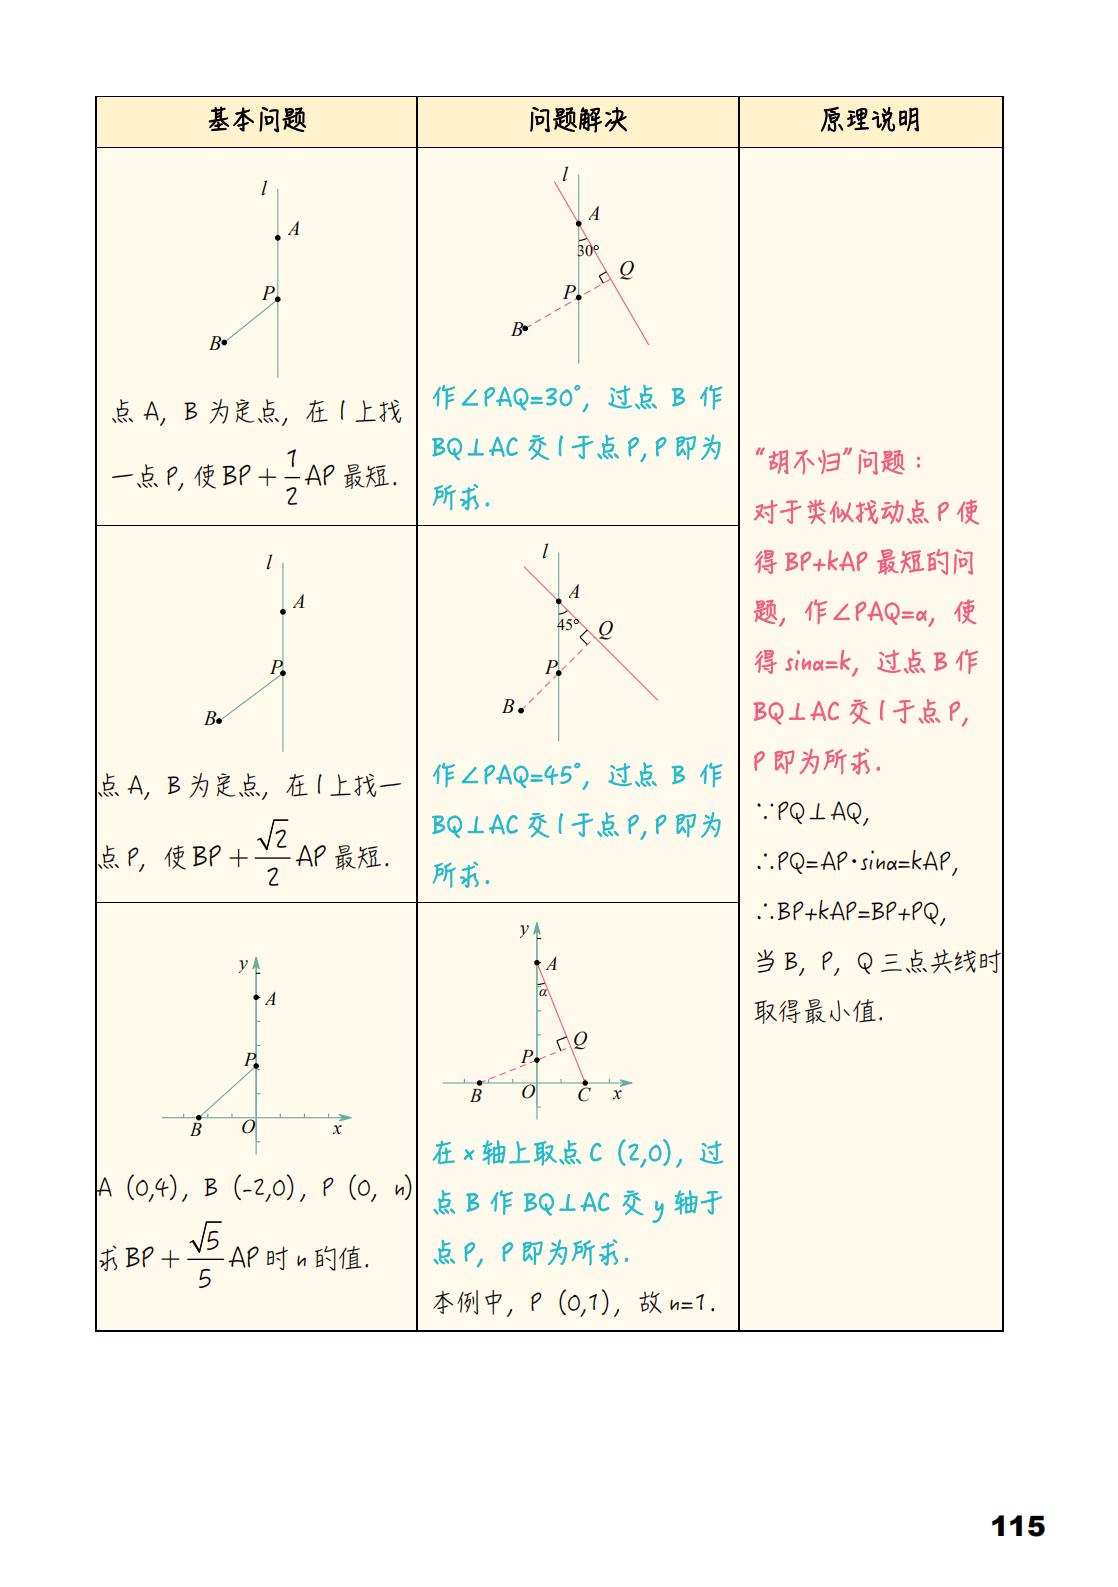 2019初中知识手册-数学_115.png